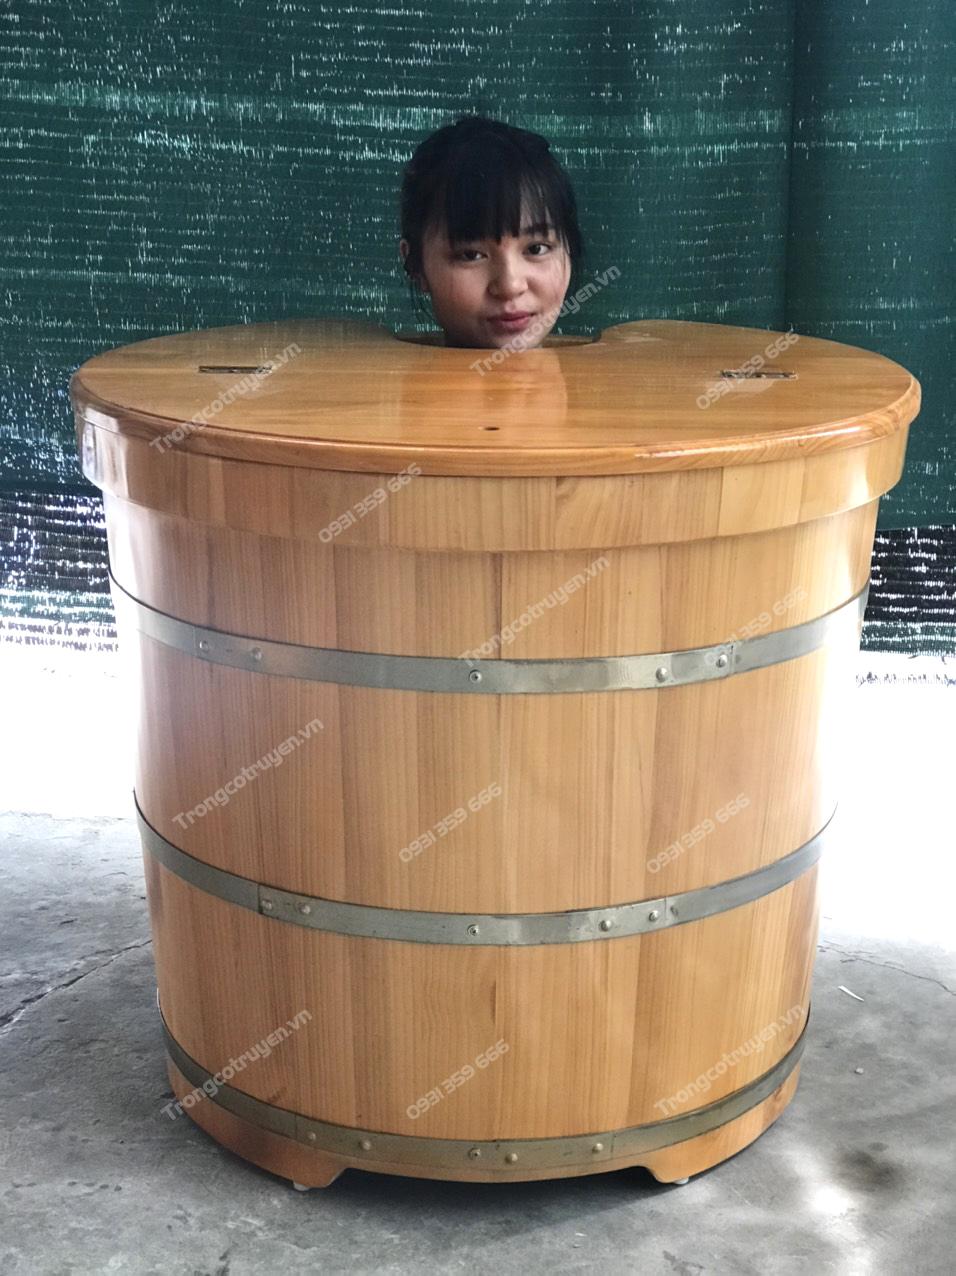 Có nên tìm mua bồn tắm gỗ giá rẻ thanh lý hay mua mới ở Hồ Chí Minh